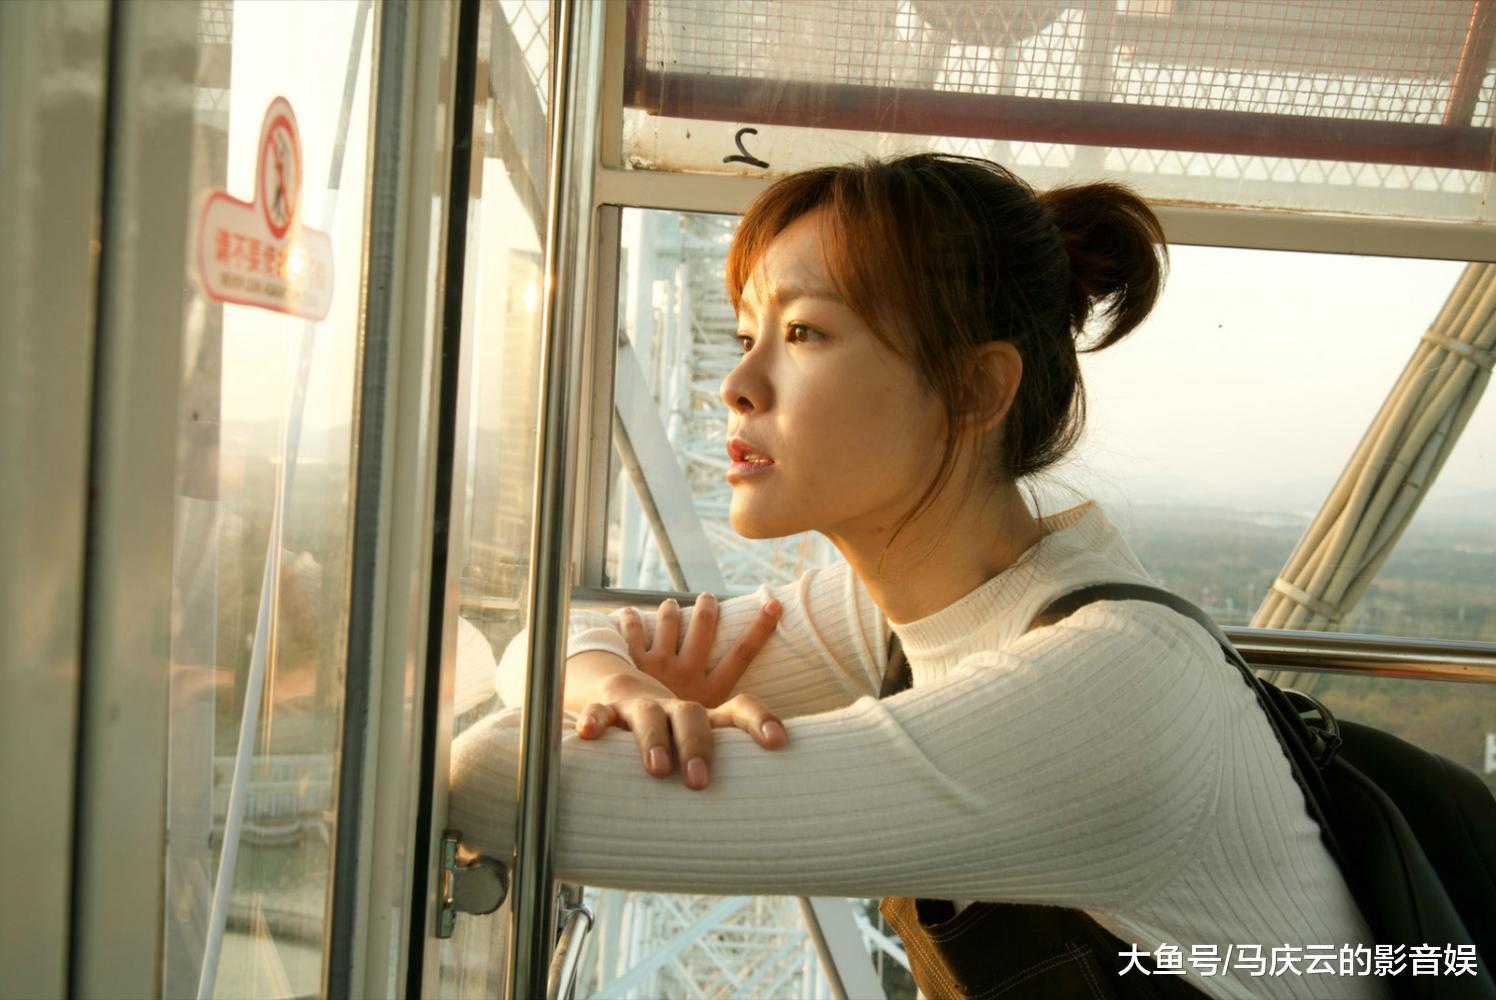 特效大片《海王》预售过五千万, 华谊新片《惊涛飓浪》预售扑街